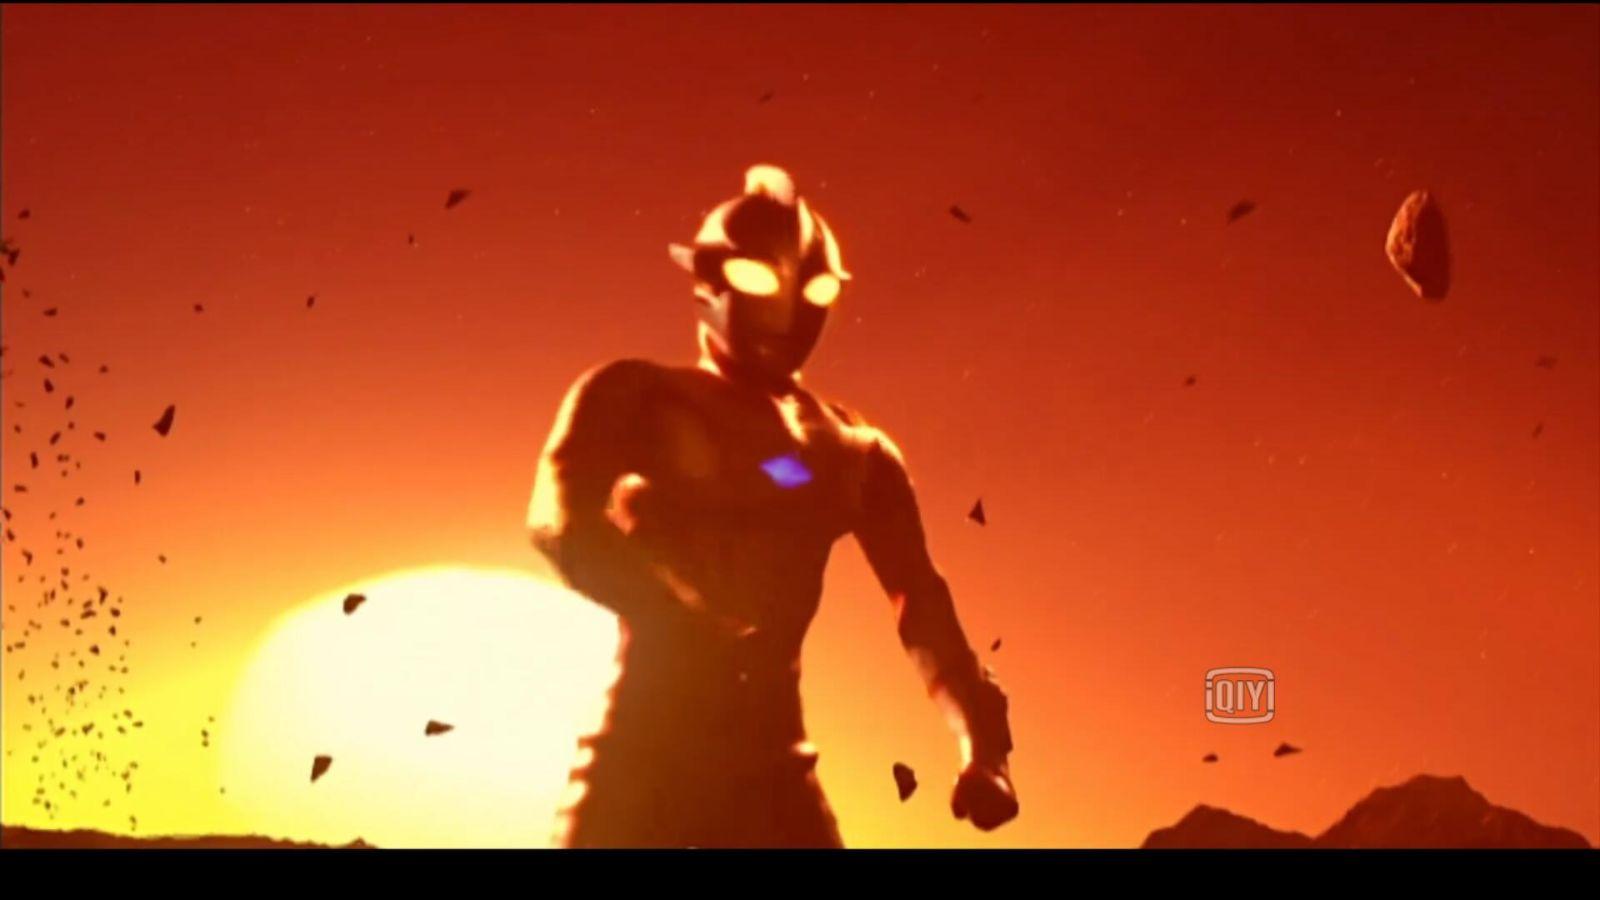 奥特曼壁纸 奥特曼大电影 宇宙英雄之超银河传说的图片31